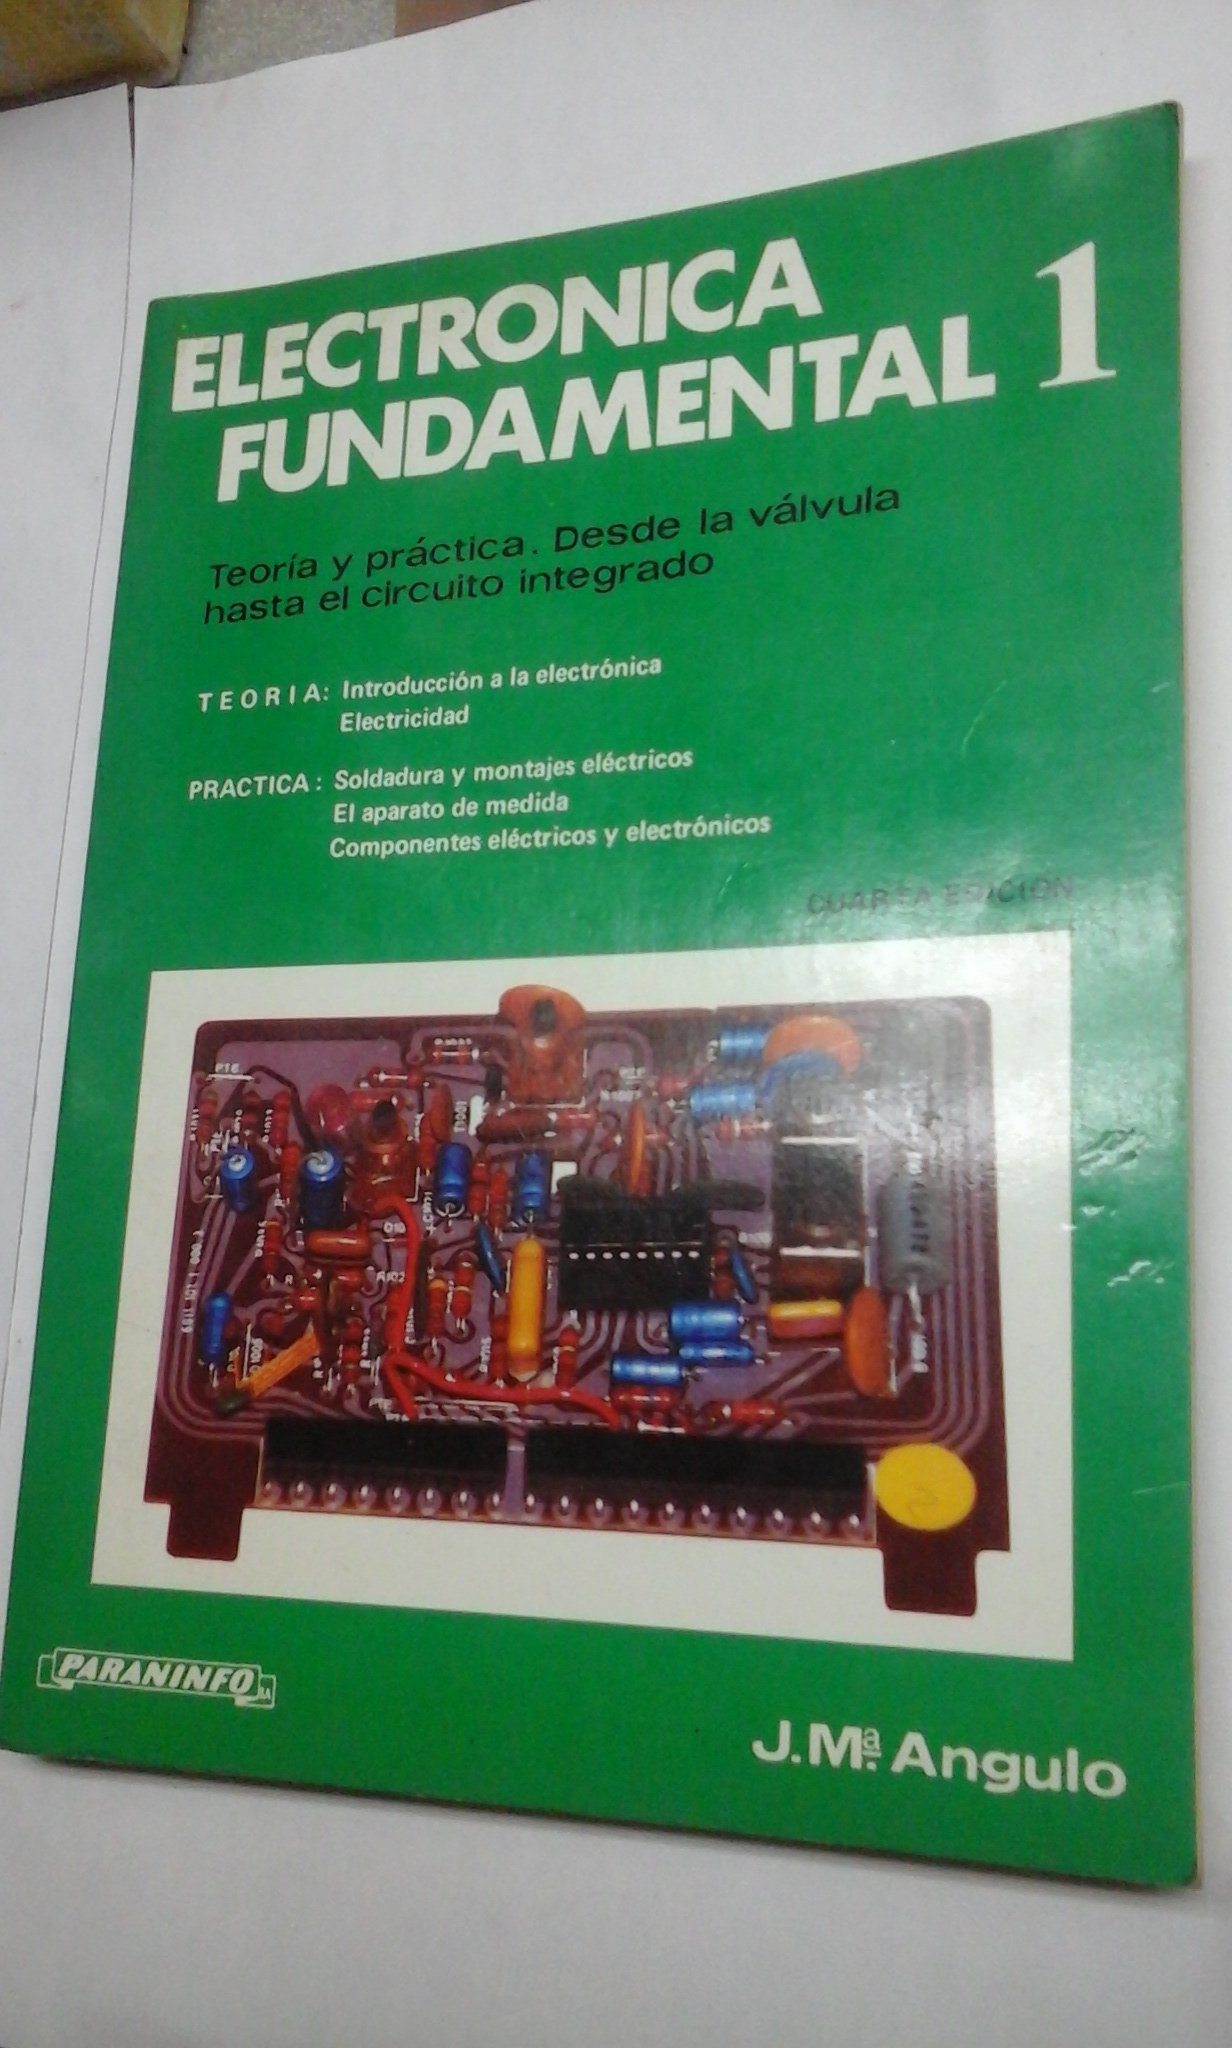 Electronica Fundamental 1. Teoria y práctica. Desde la valvula hasta el circuito integrado: Amazon.es: J.Mª Angulo Usategui, Electrónica: Libros